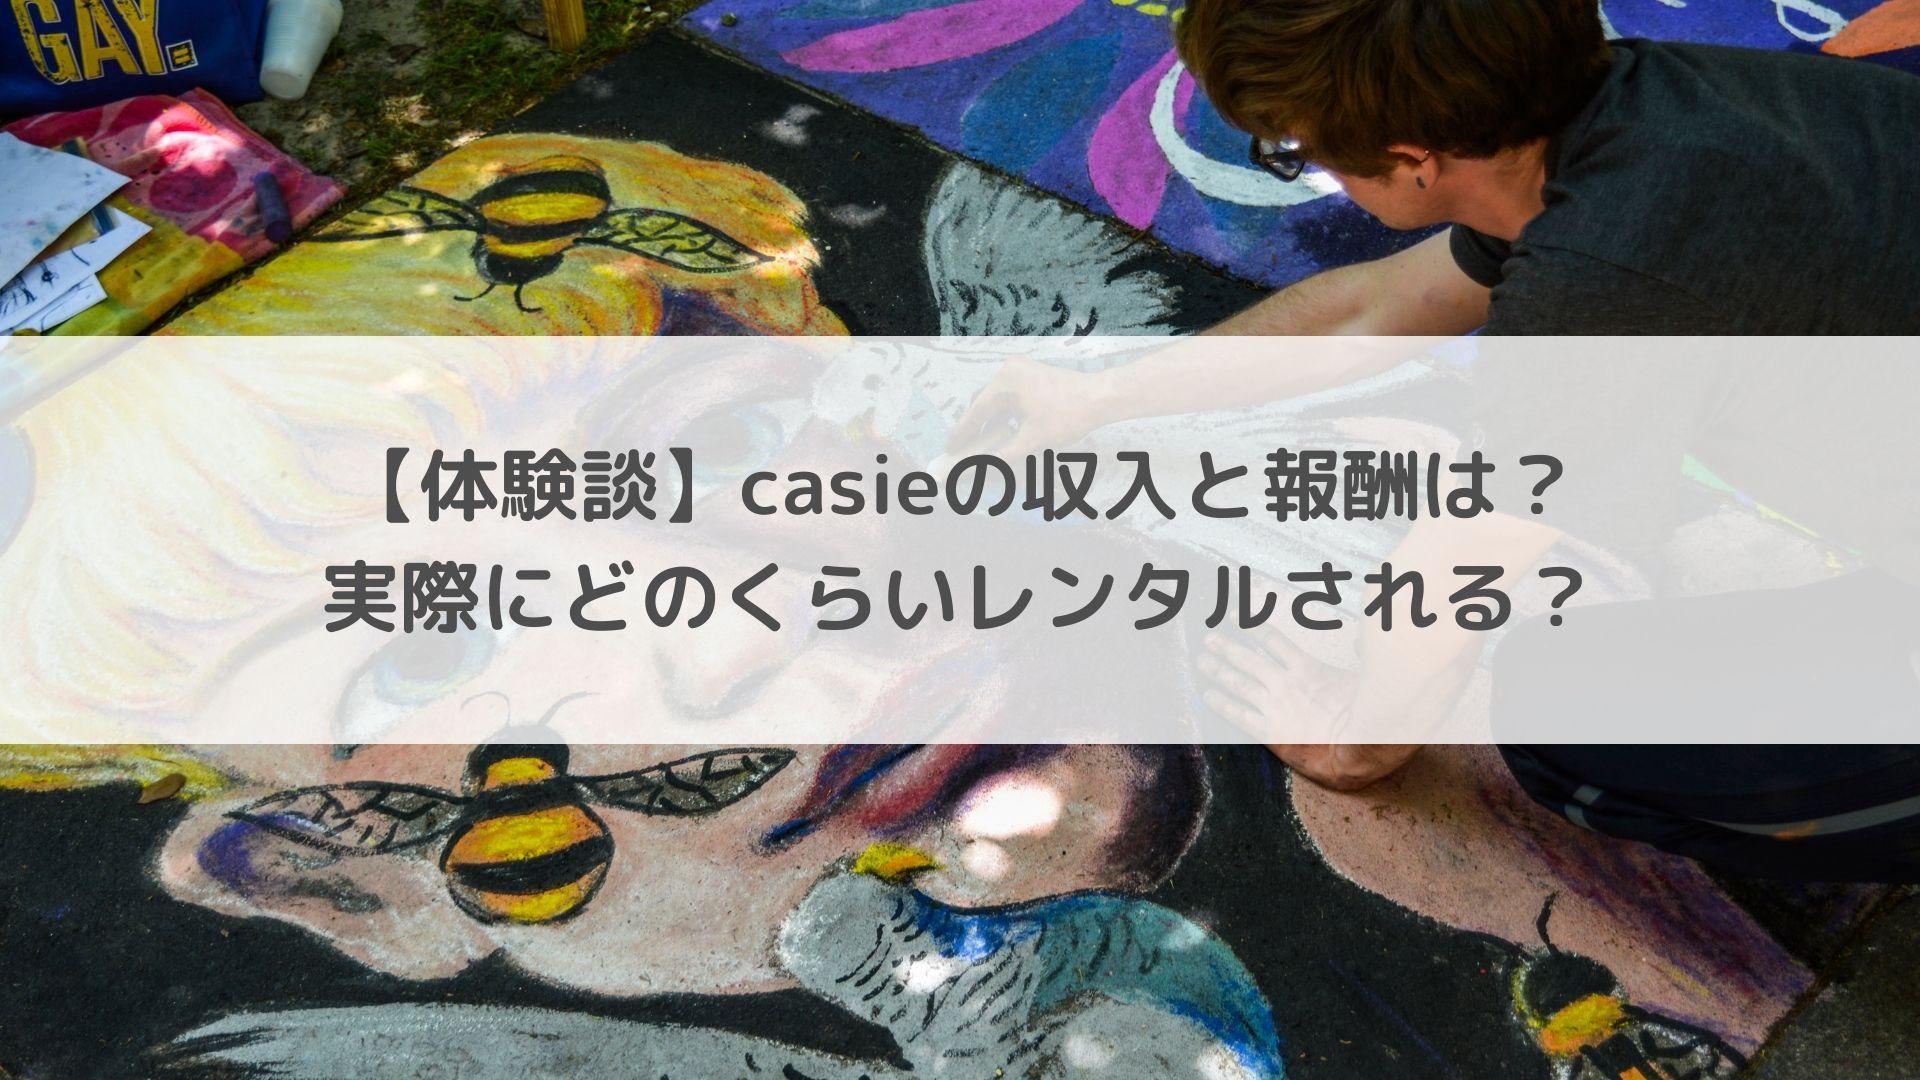 【体験談】casieの収入と報酬は?実際にどのくらいレンタルされる?